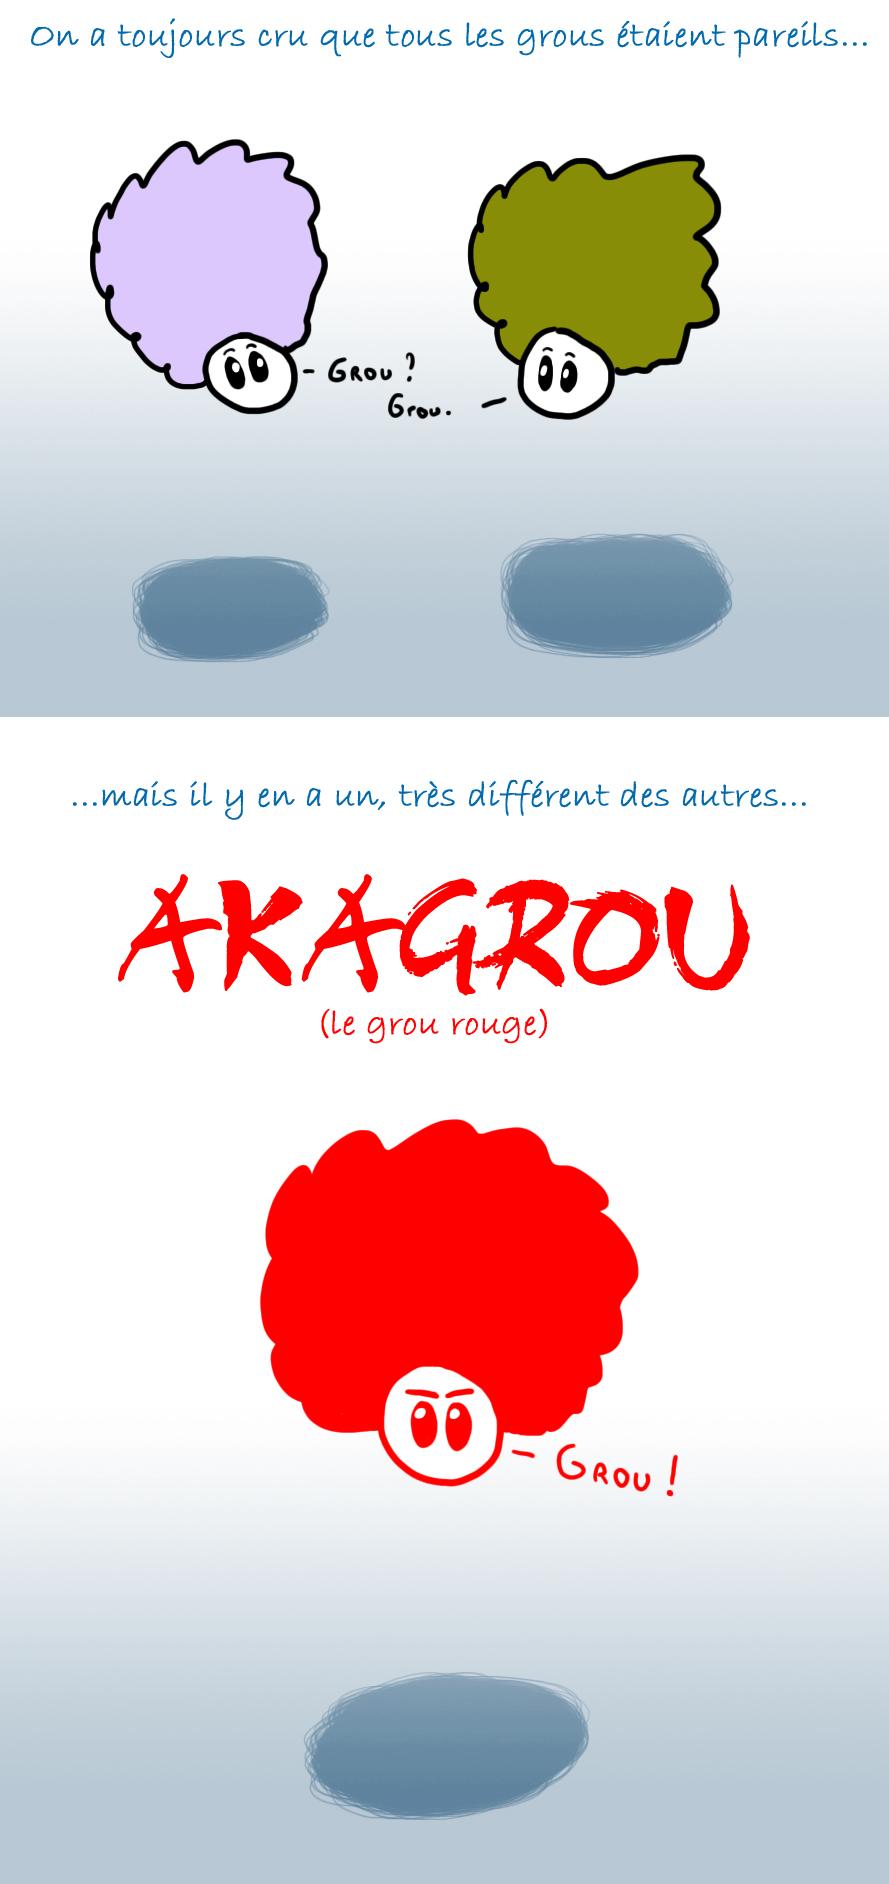 Akagrou1